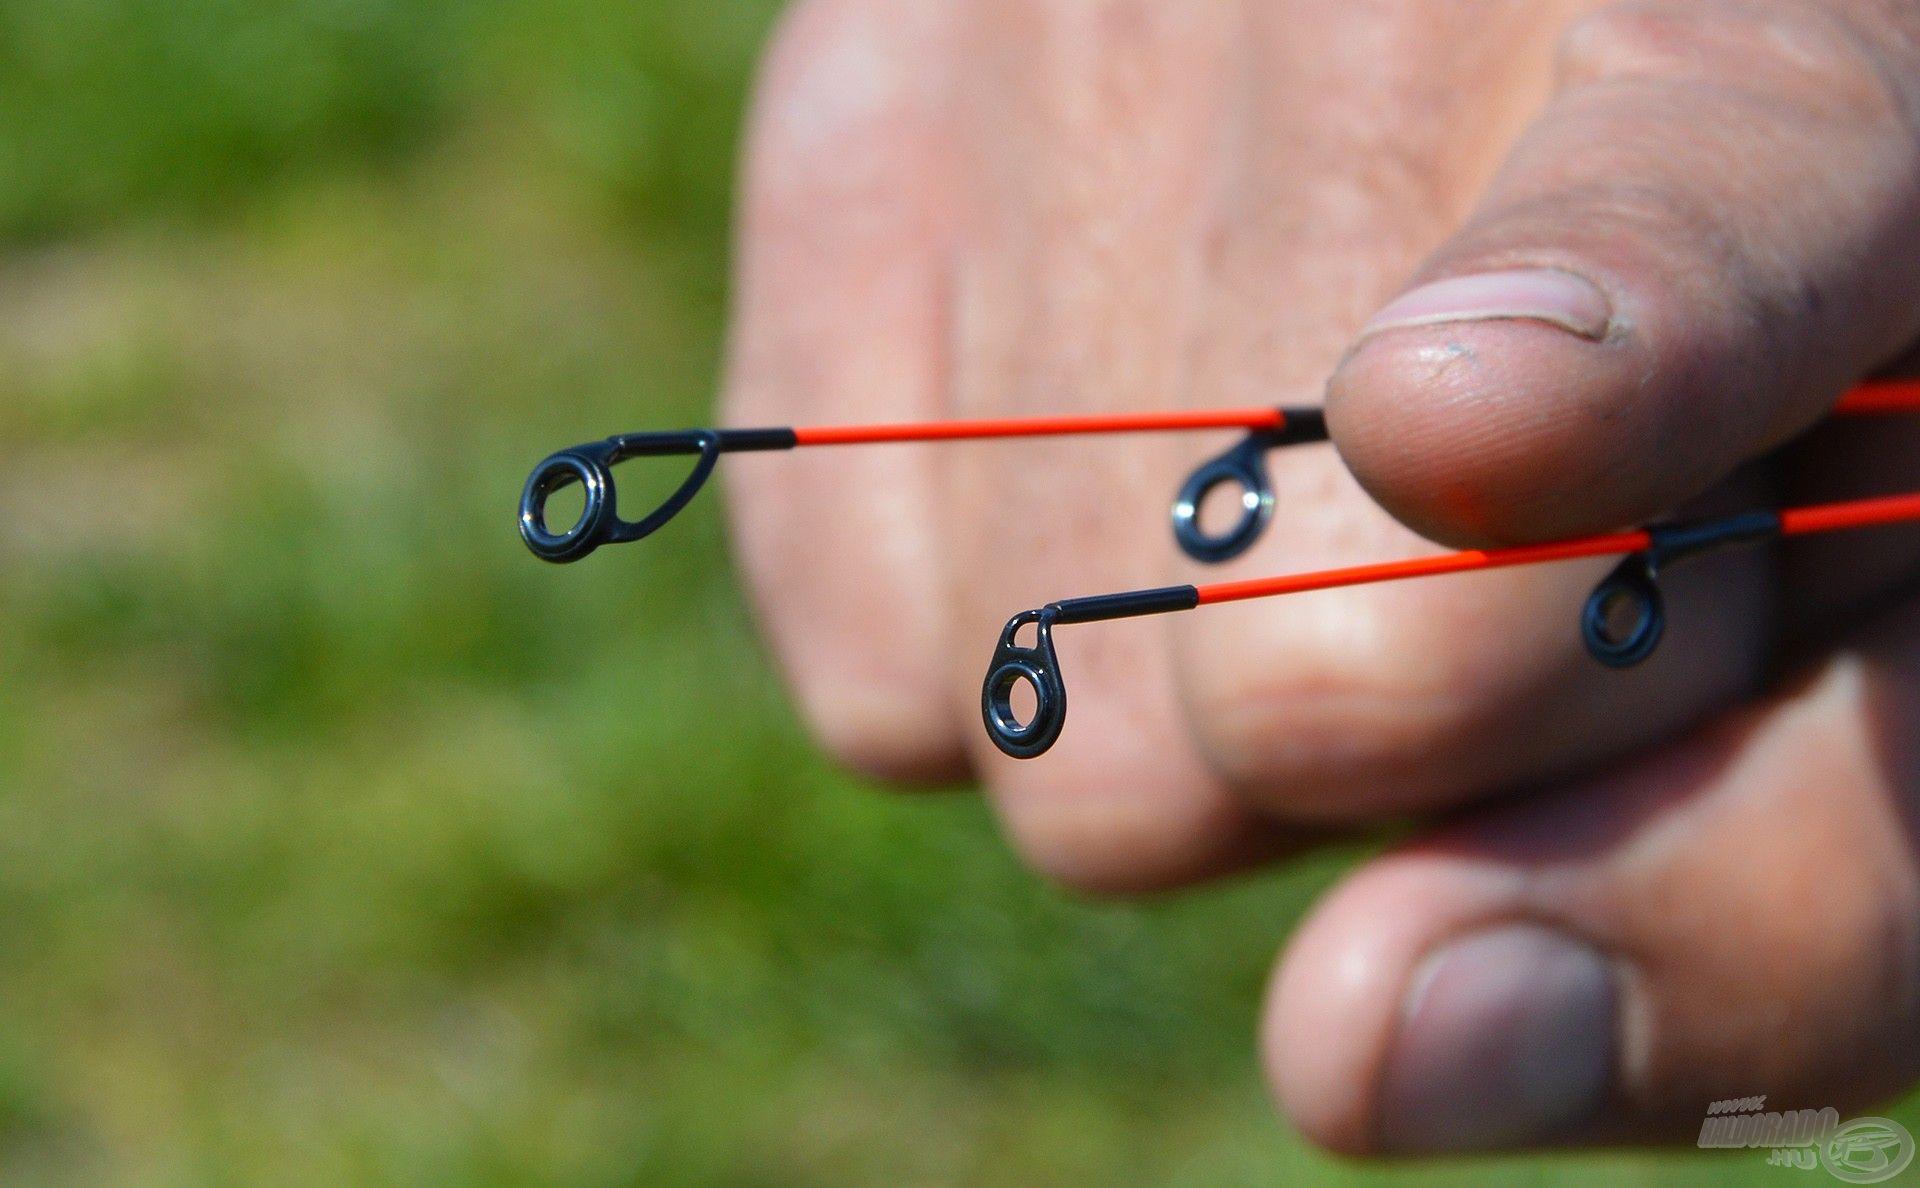 Míg a Gold Fine változat hagyományos spiccgyűrűvel rendelkezik, a Gold Carp spiccgyűrűk dupla talpas megtámasztást kaptak